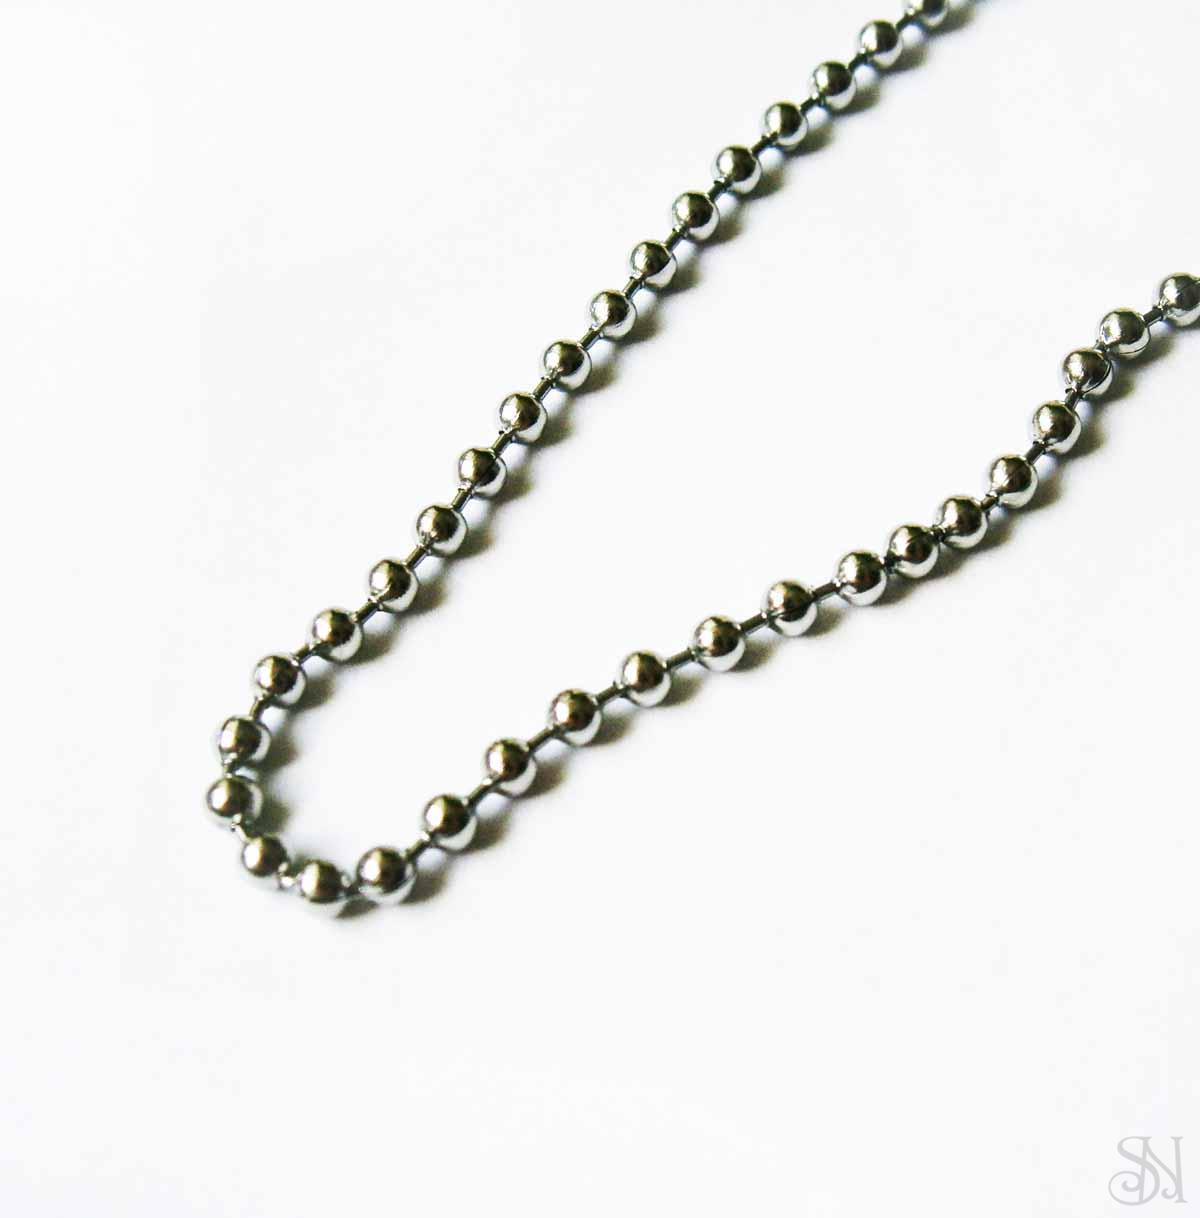 b6e4c4fb7 Doplnky | Retiazka chirurgickej ocele k príveskom | Šperky Salina a ...